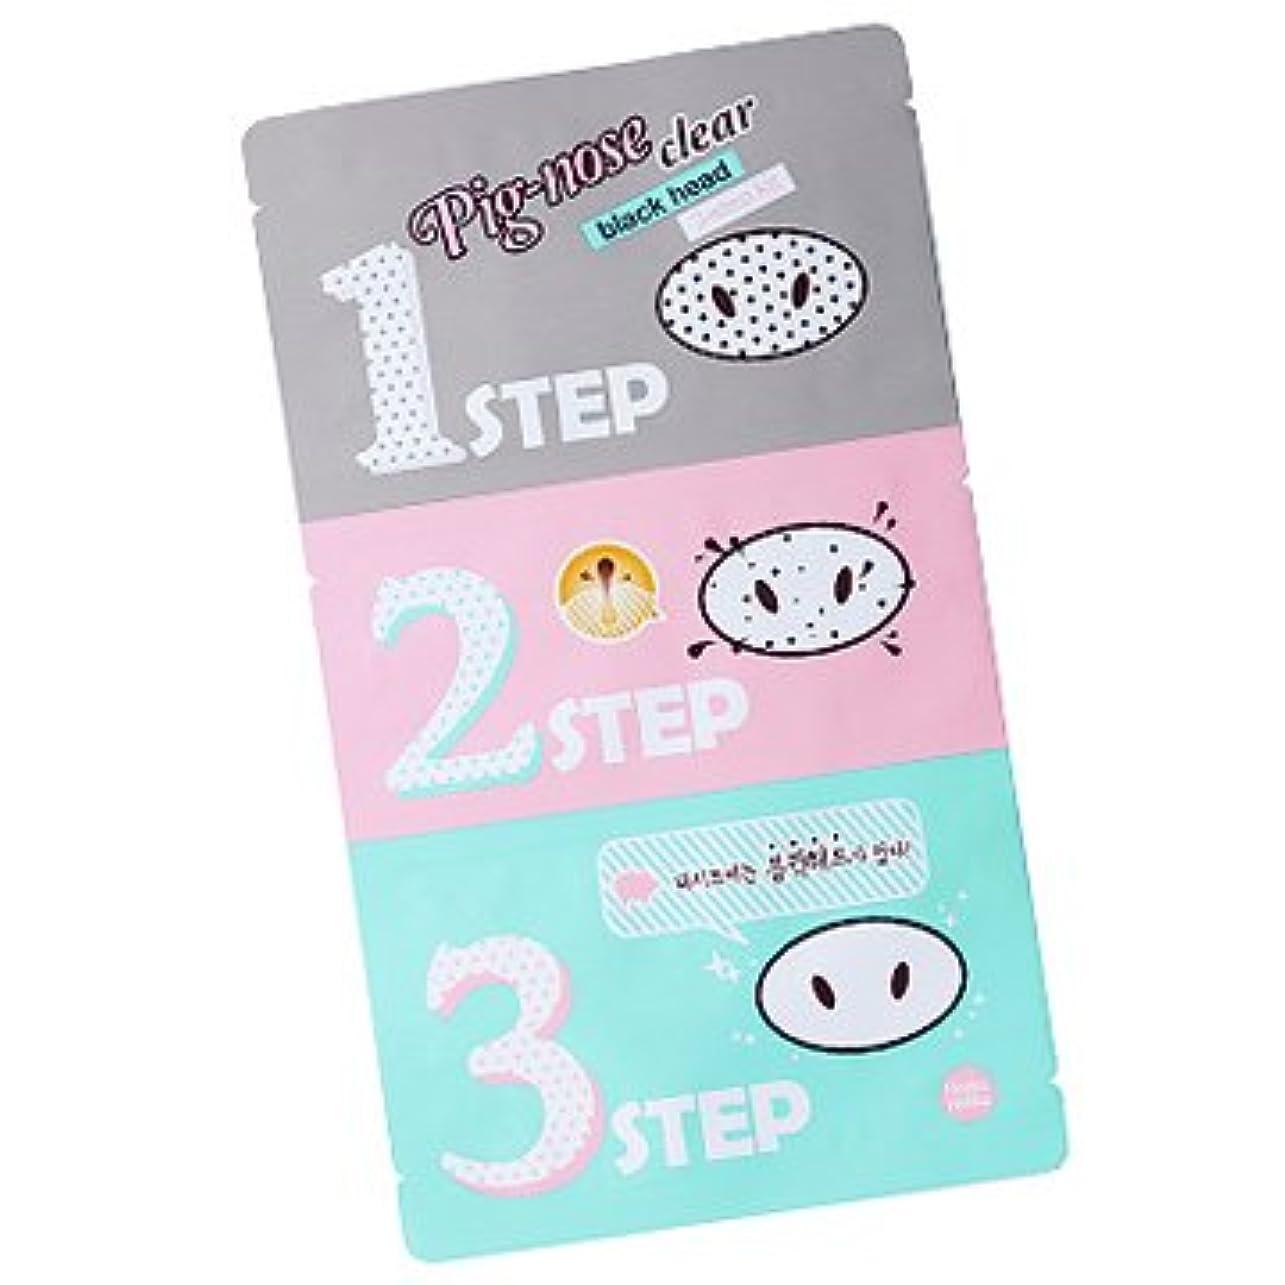 全能プレーヤーかけるHolika Holika Pig Nose Clear Black Head 3-Step Kit 3EA (Nose Pack) ホリカホリカ ピグノーズクリアブラックヘッド3-Stepキット(鼻パック) 3pcs...